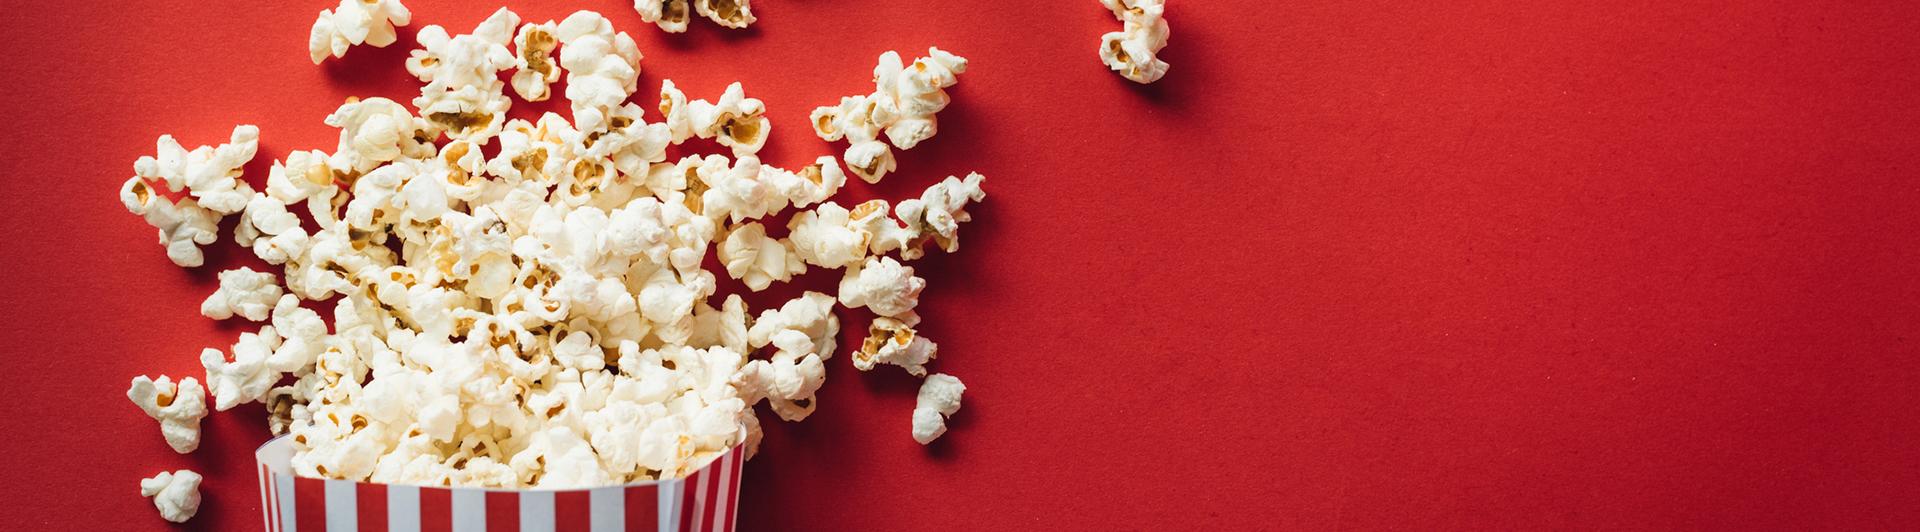 mostra-de-cinema-slide